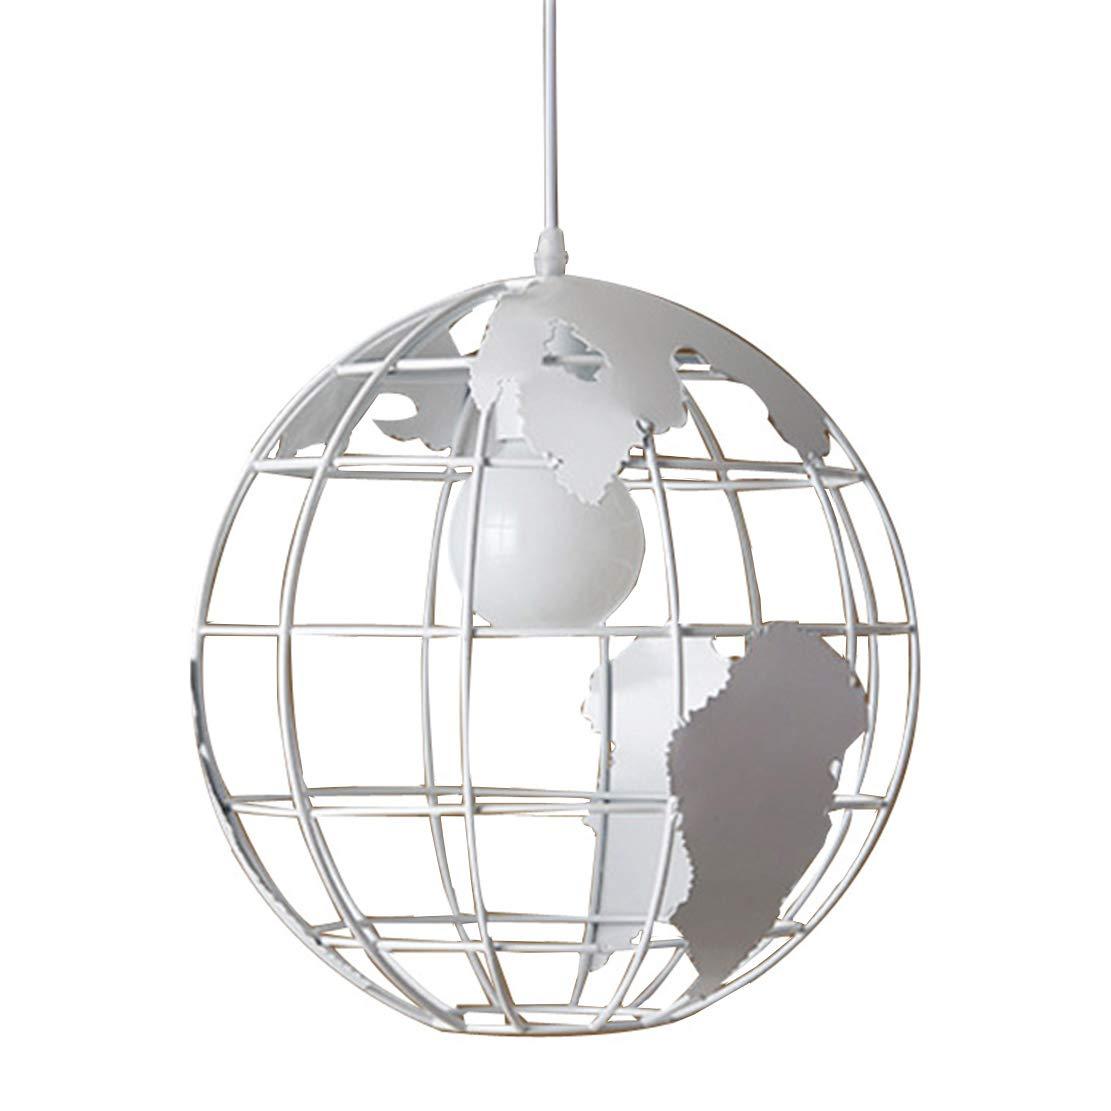 Illuminazione Illuminazione per interni nero Wings of wind